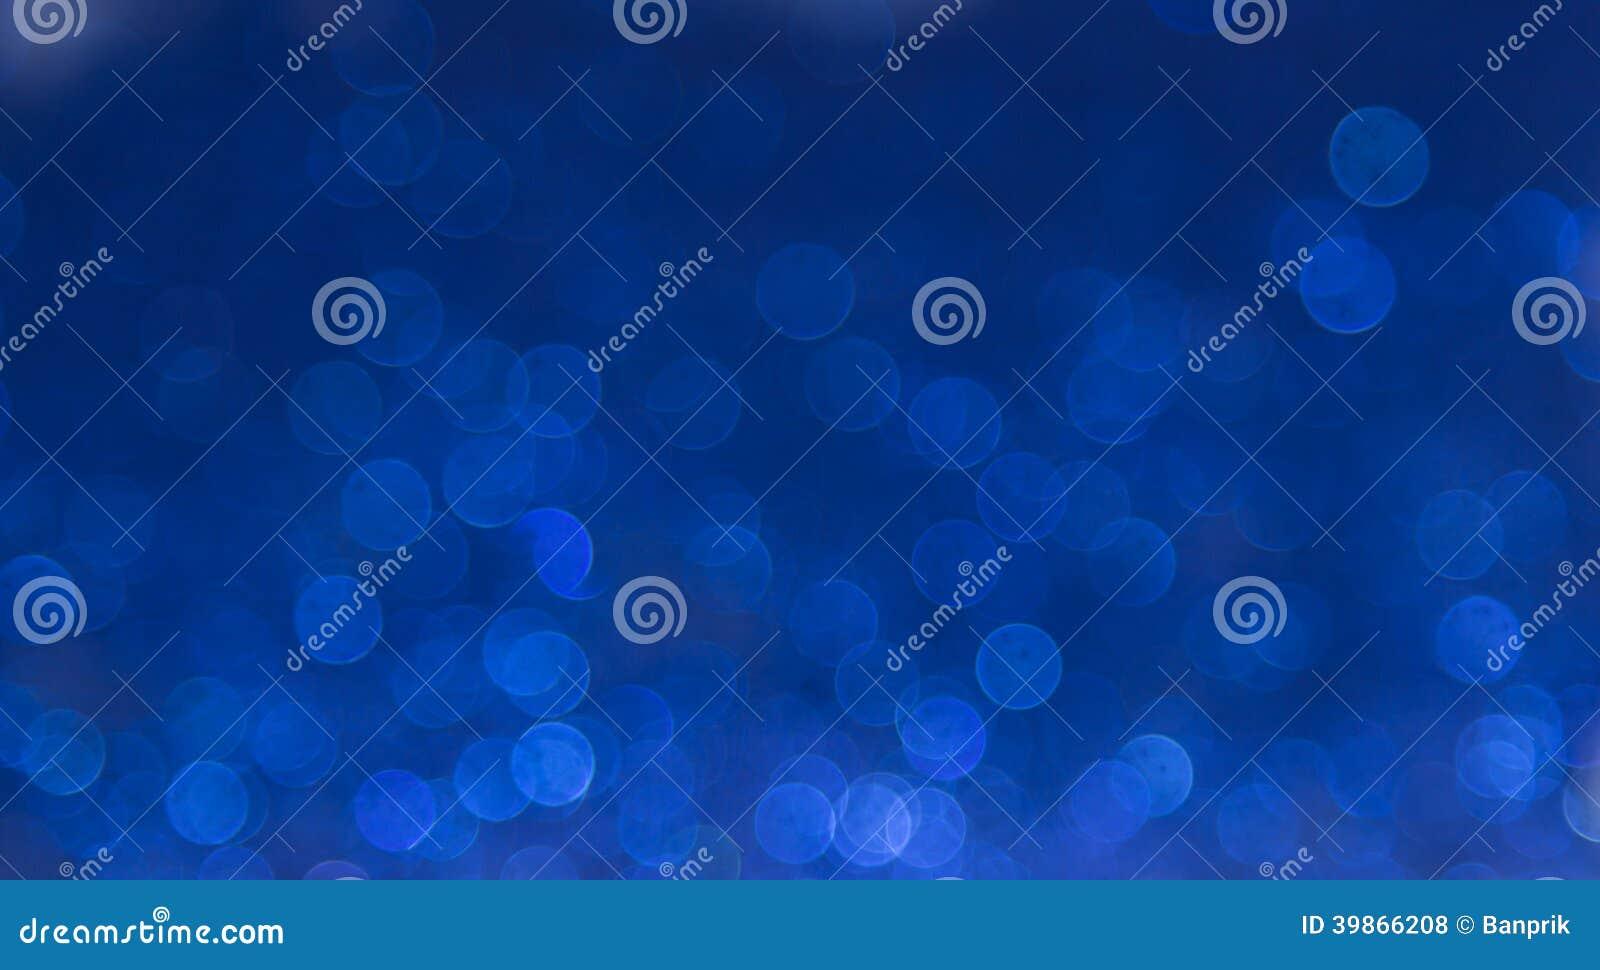 Голубая элегантная абстрактная предпосылка bokeh